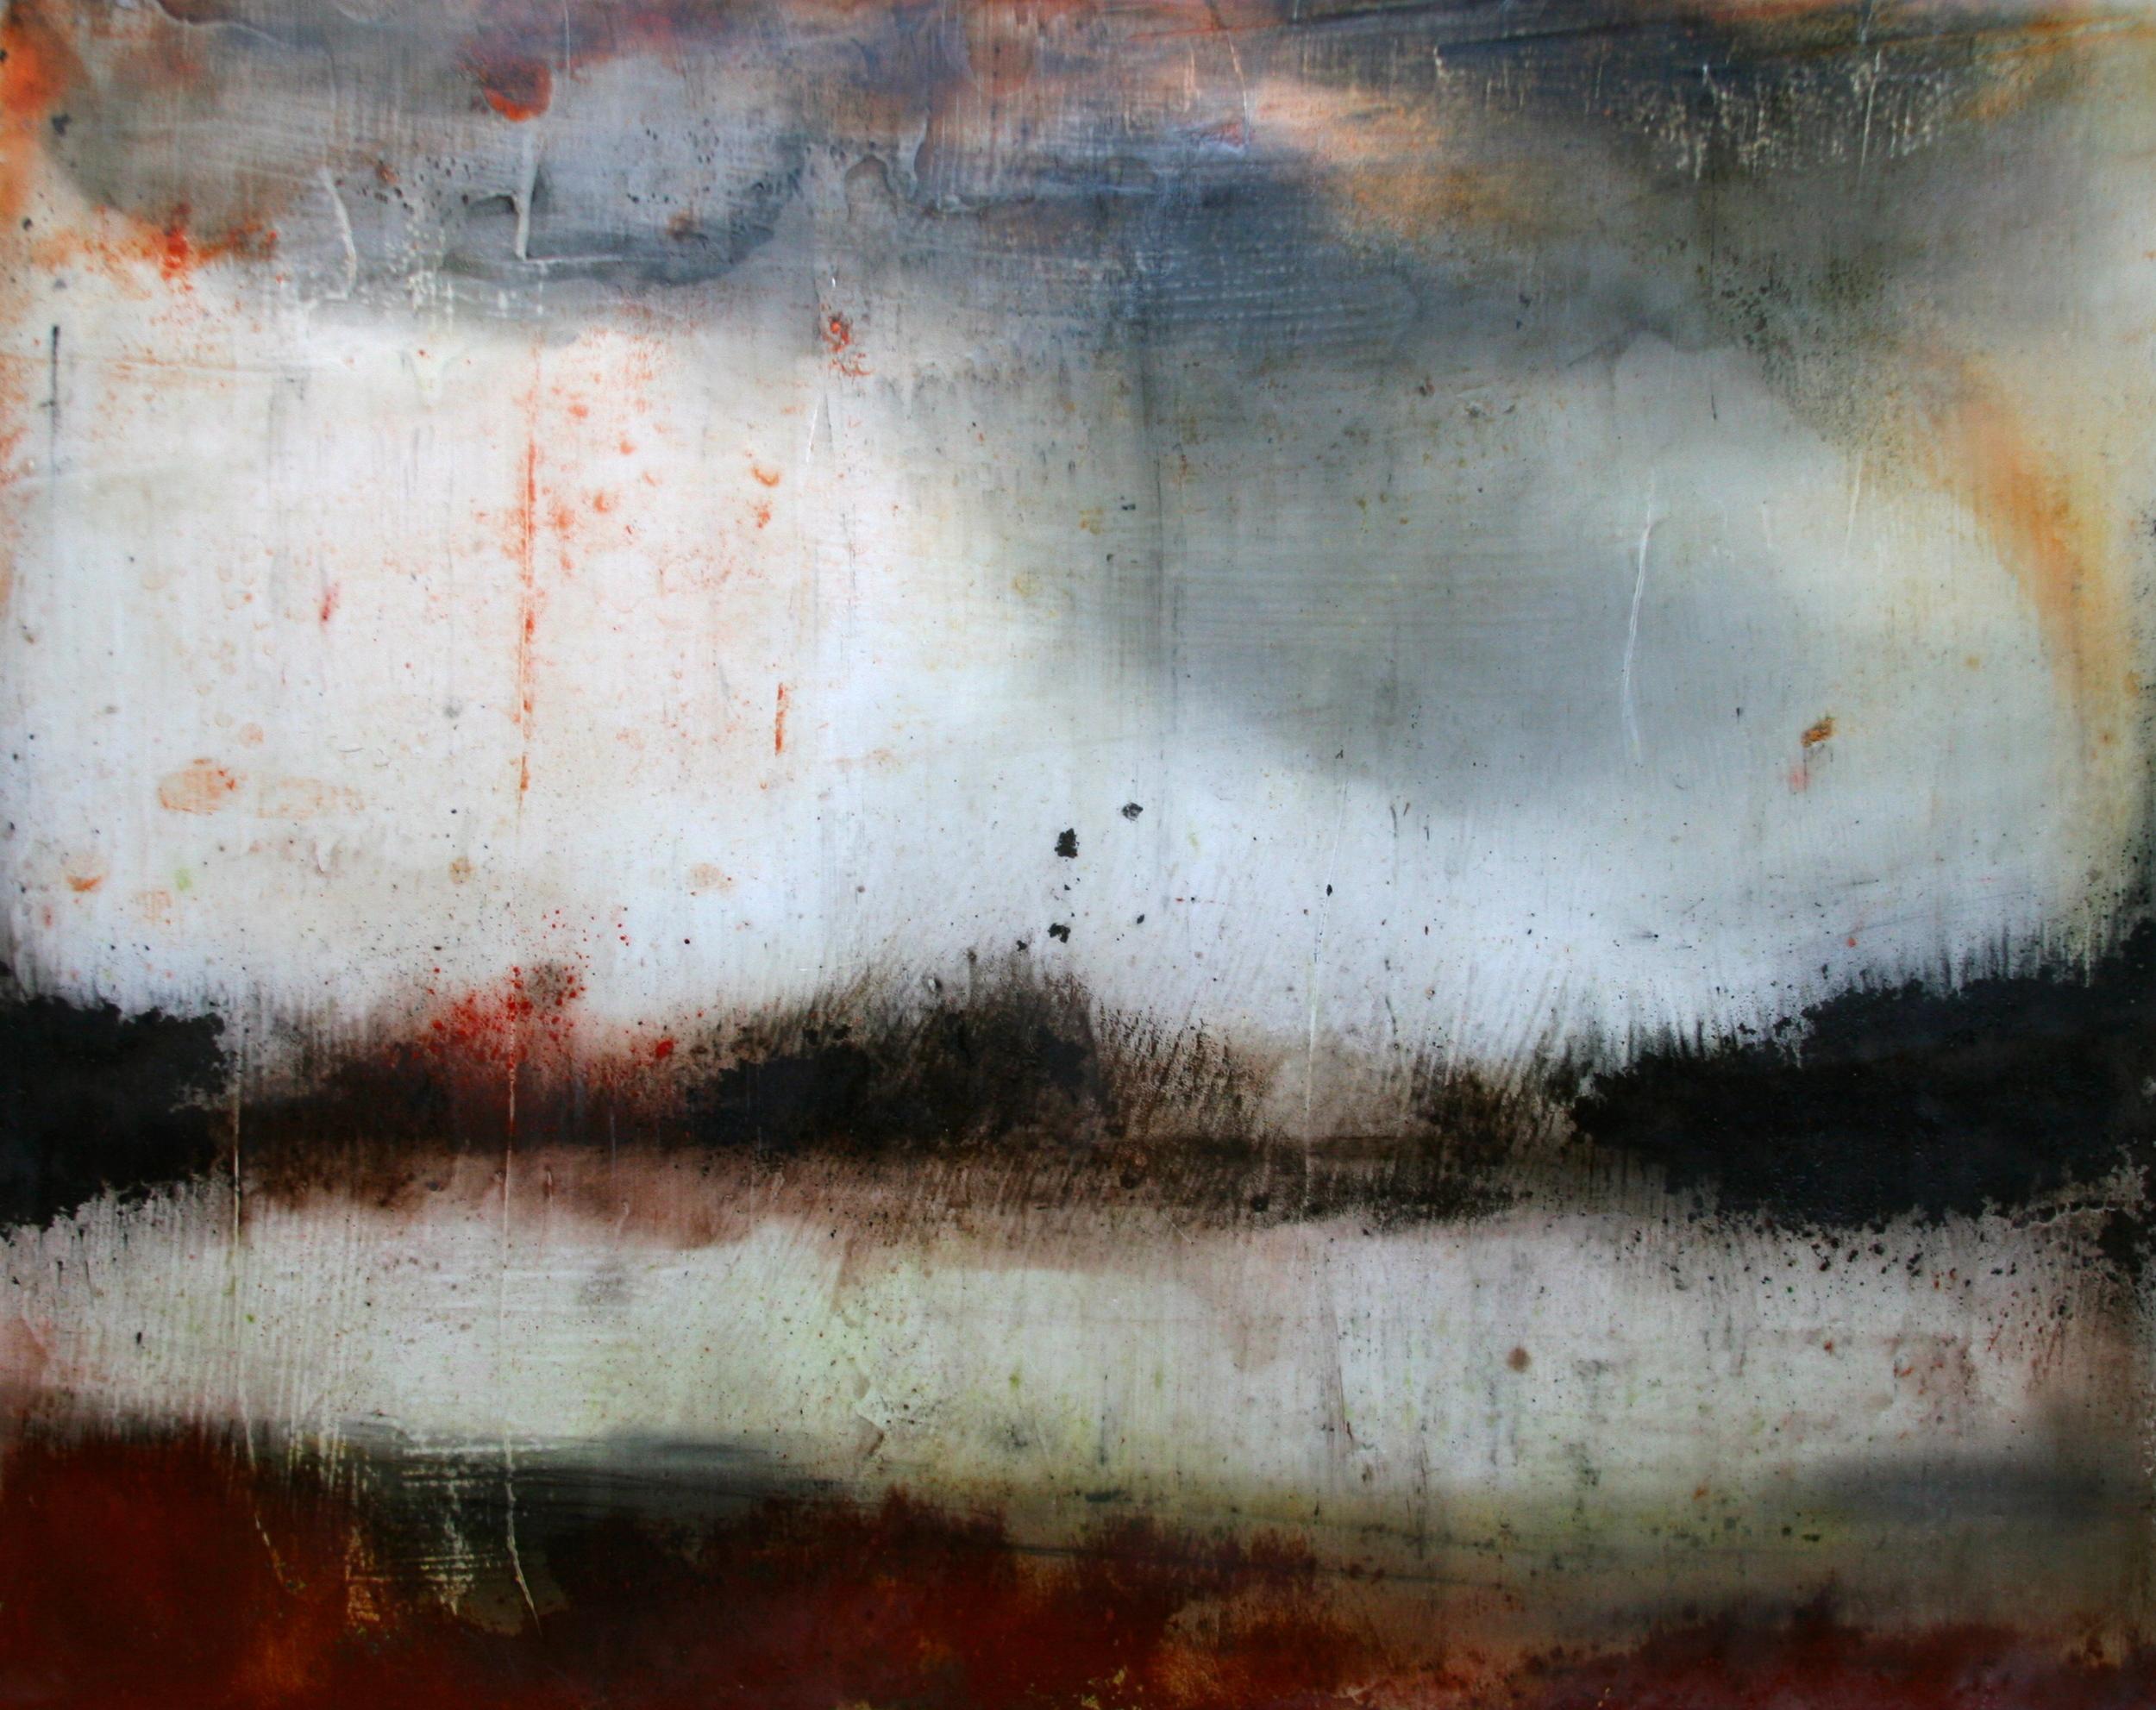 Refuge, 2013